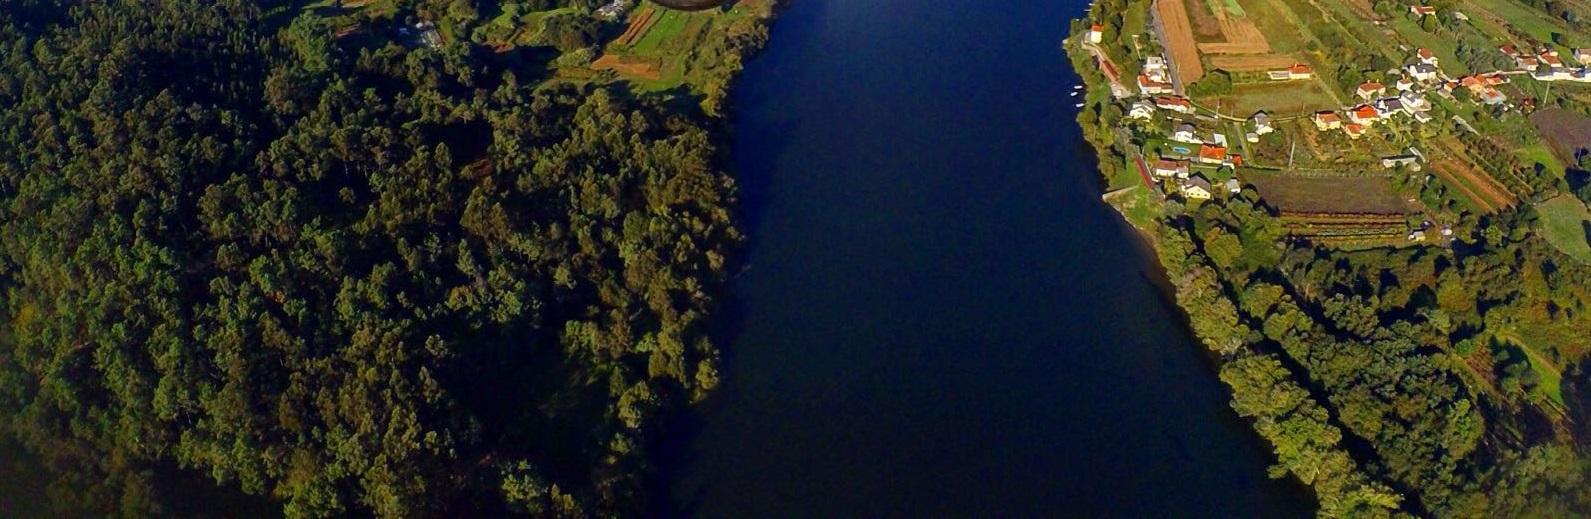 El turismo verde de Galicia o ecoturismo ofrece actividades y aventuras respetuosas con el medio ambiente